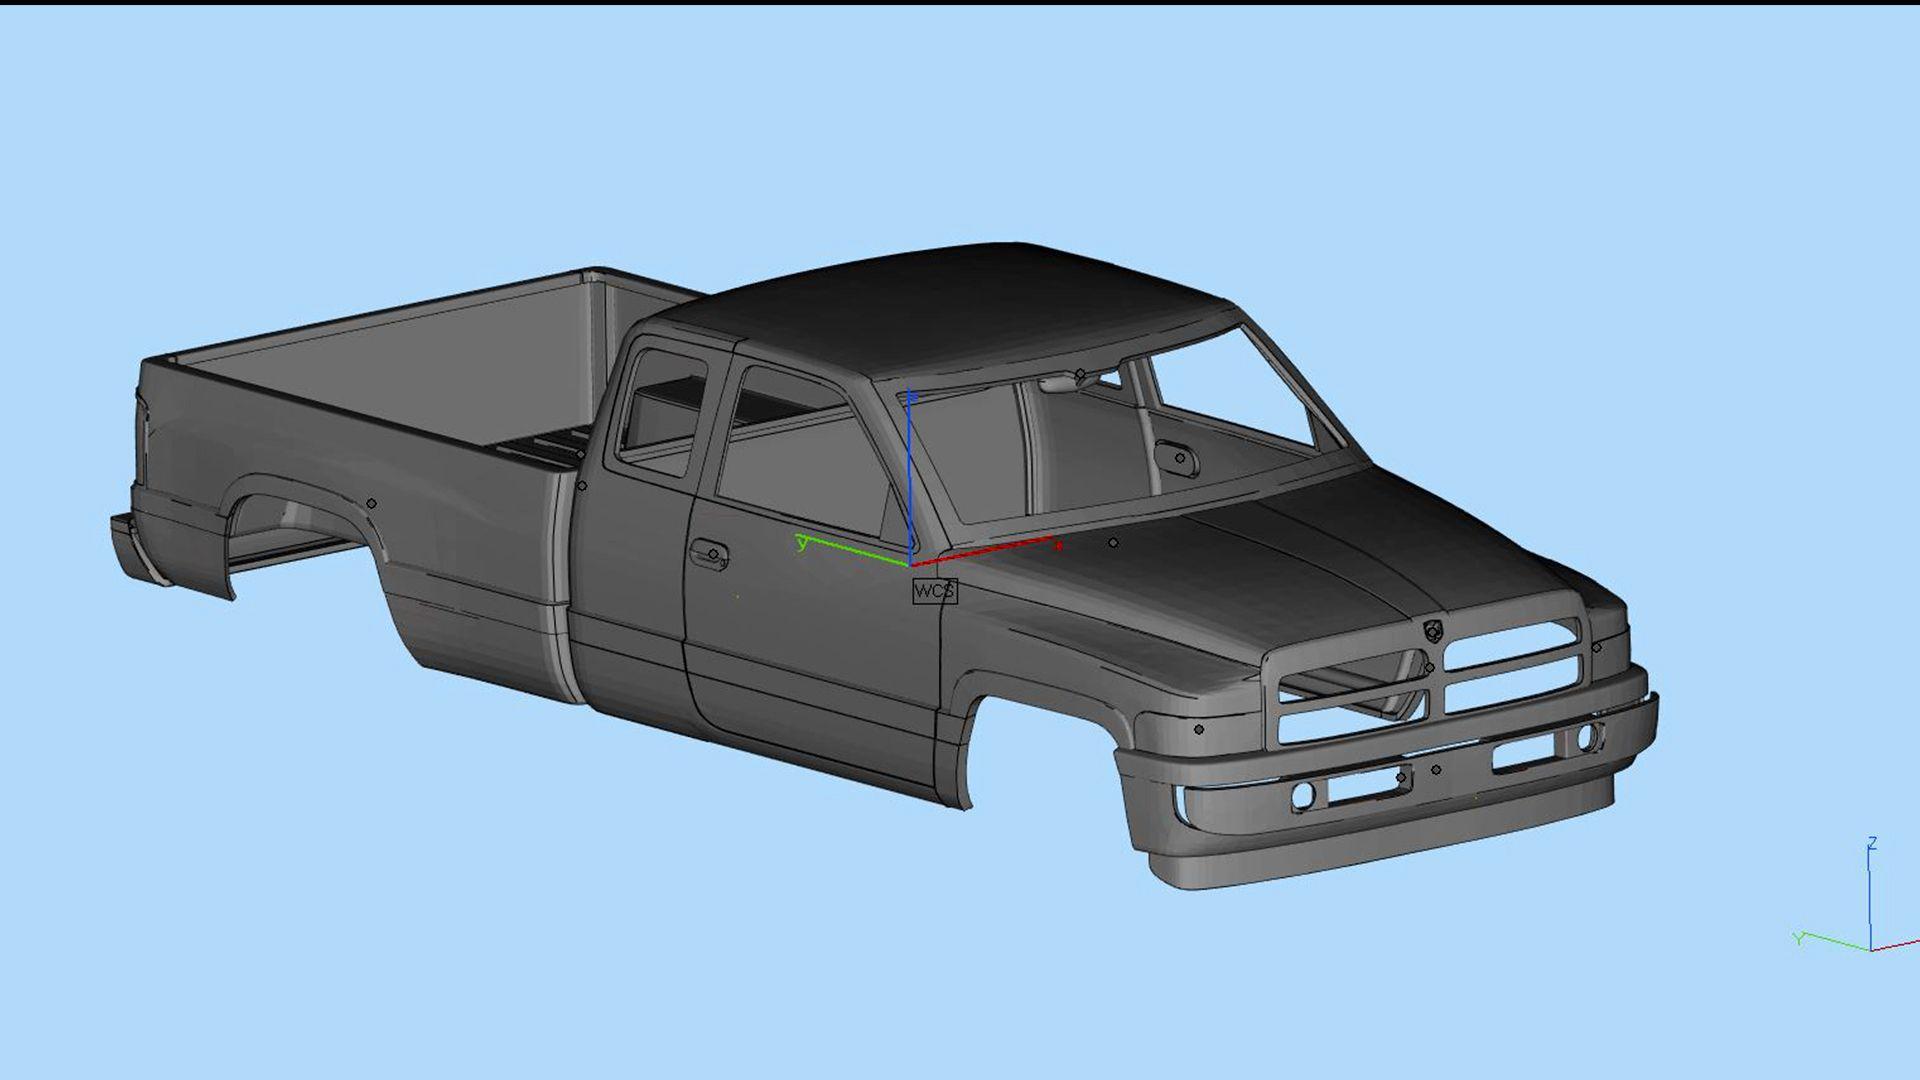 3d Model Dodge Ram 1500 2nd Gen Stl Files Printable Body 3d Print Model Dodge Ram 1500 Ram 1500 Dodge Ram